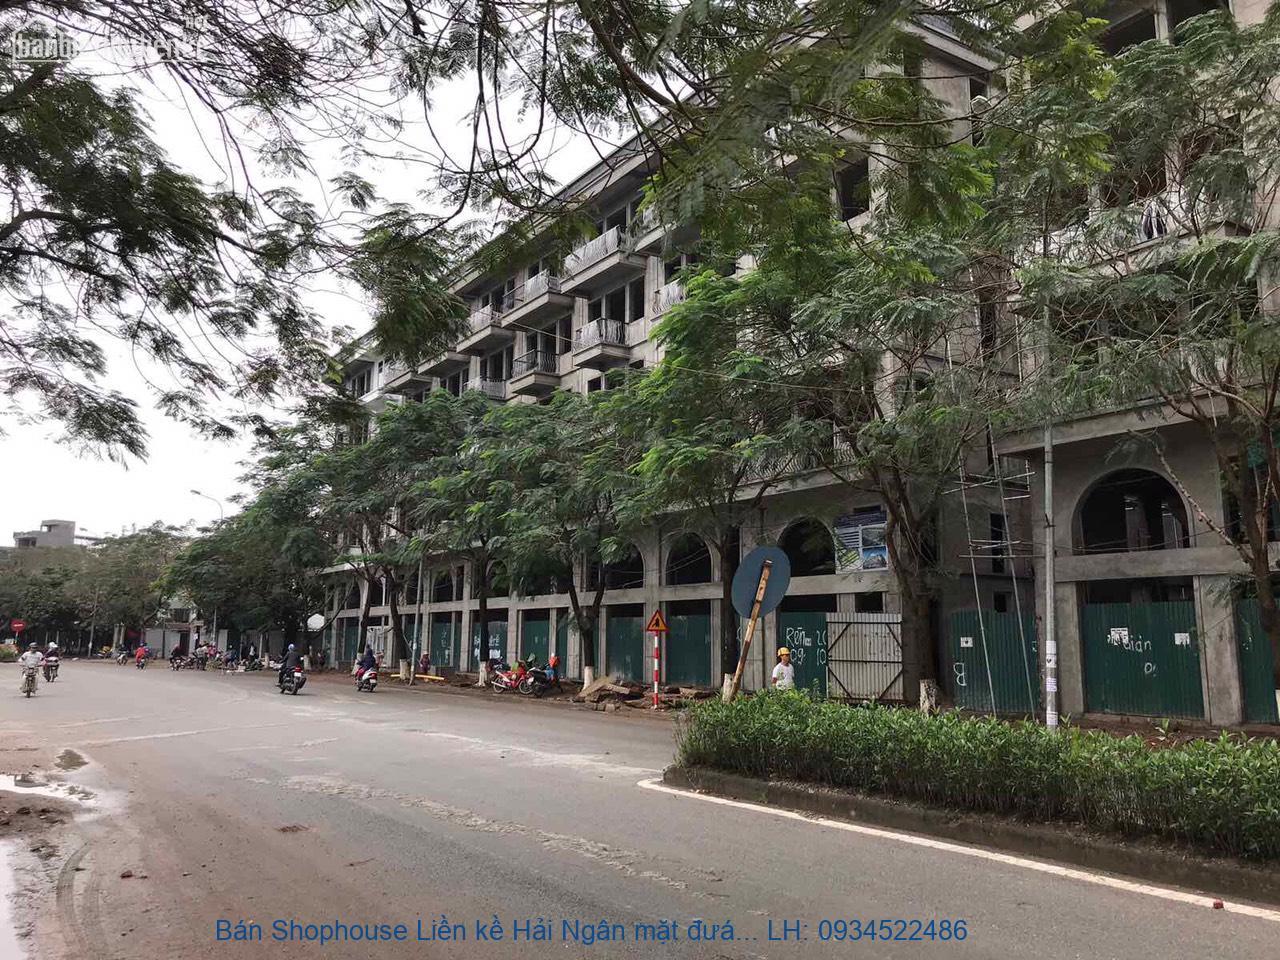 Bán Shophouse Liền kề Hải Ngân mặt đường Thanh Liệt DT 46-90m2